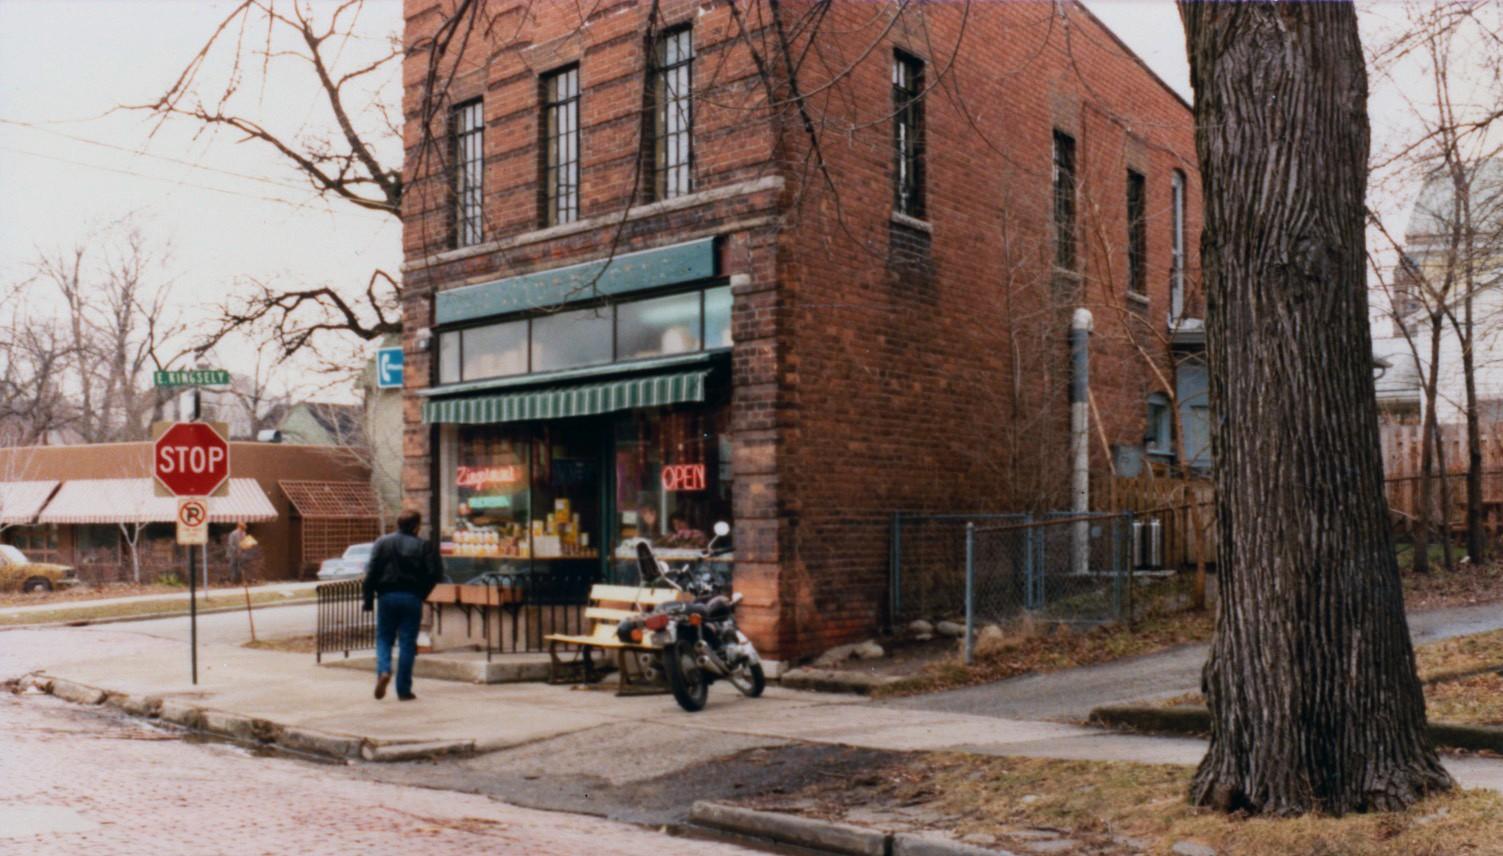 historic deli 4 building